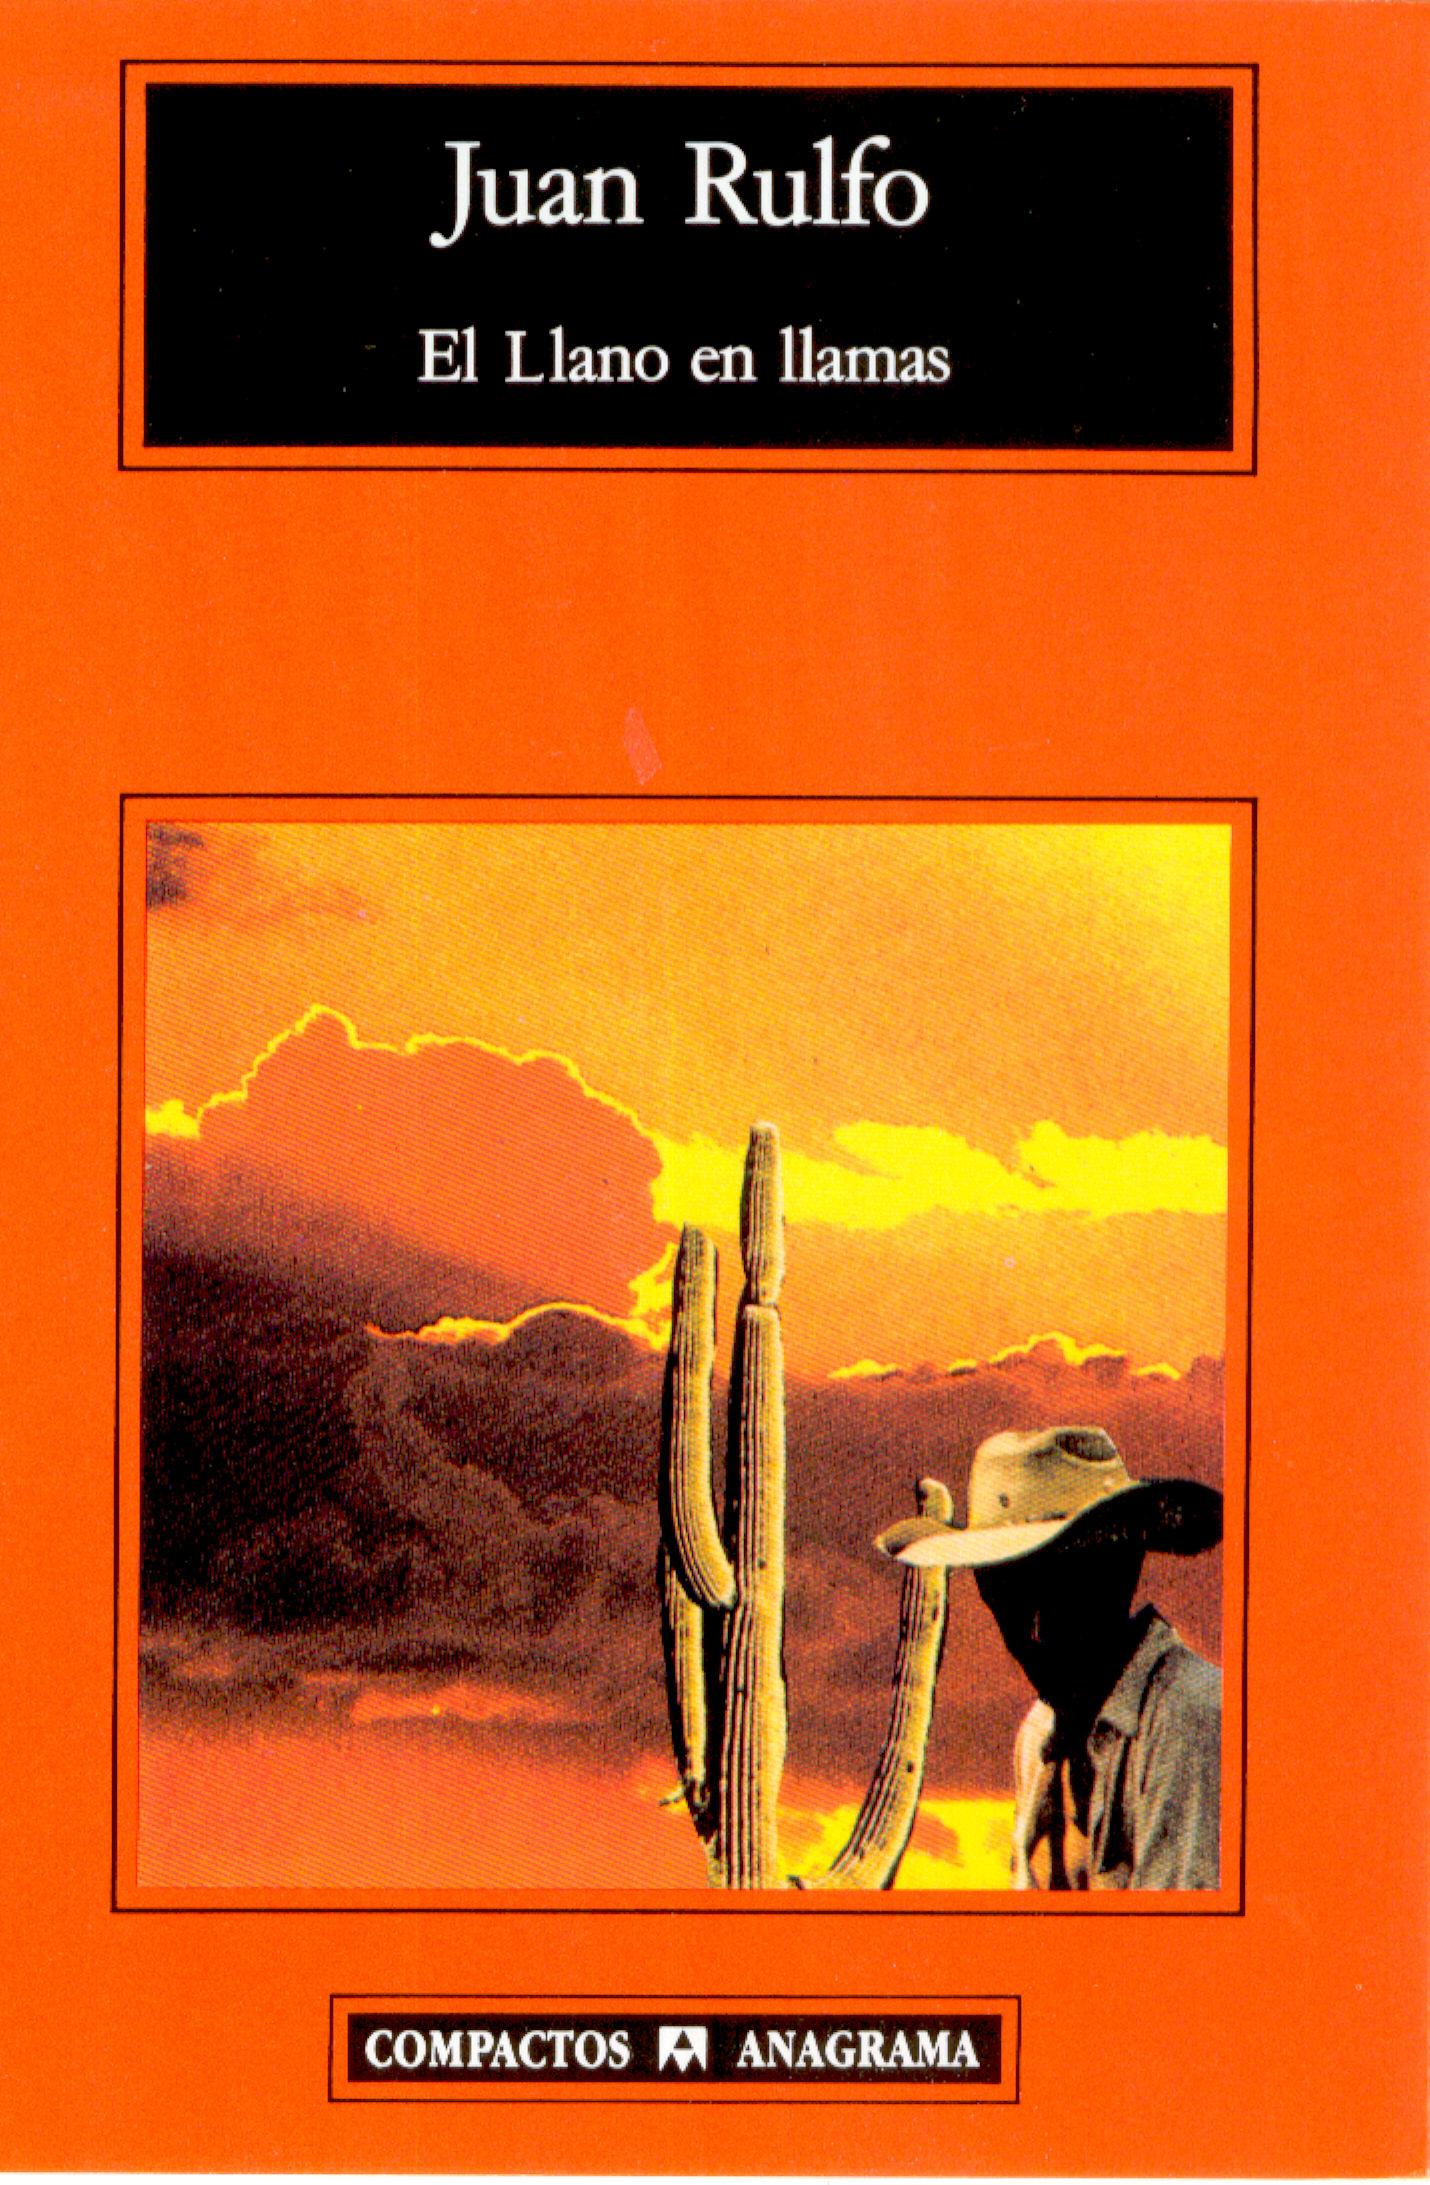 El Llano en llamas - Rulfo, Juan - 978-84-339-2078-2